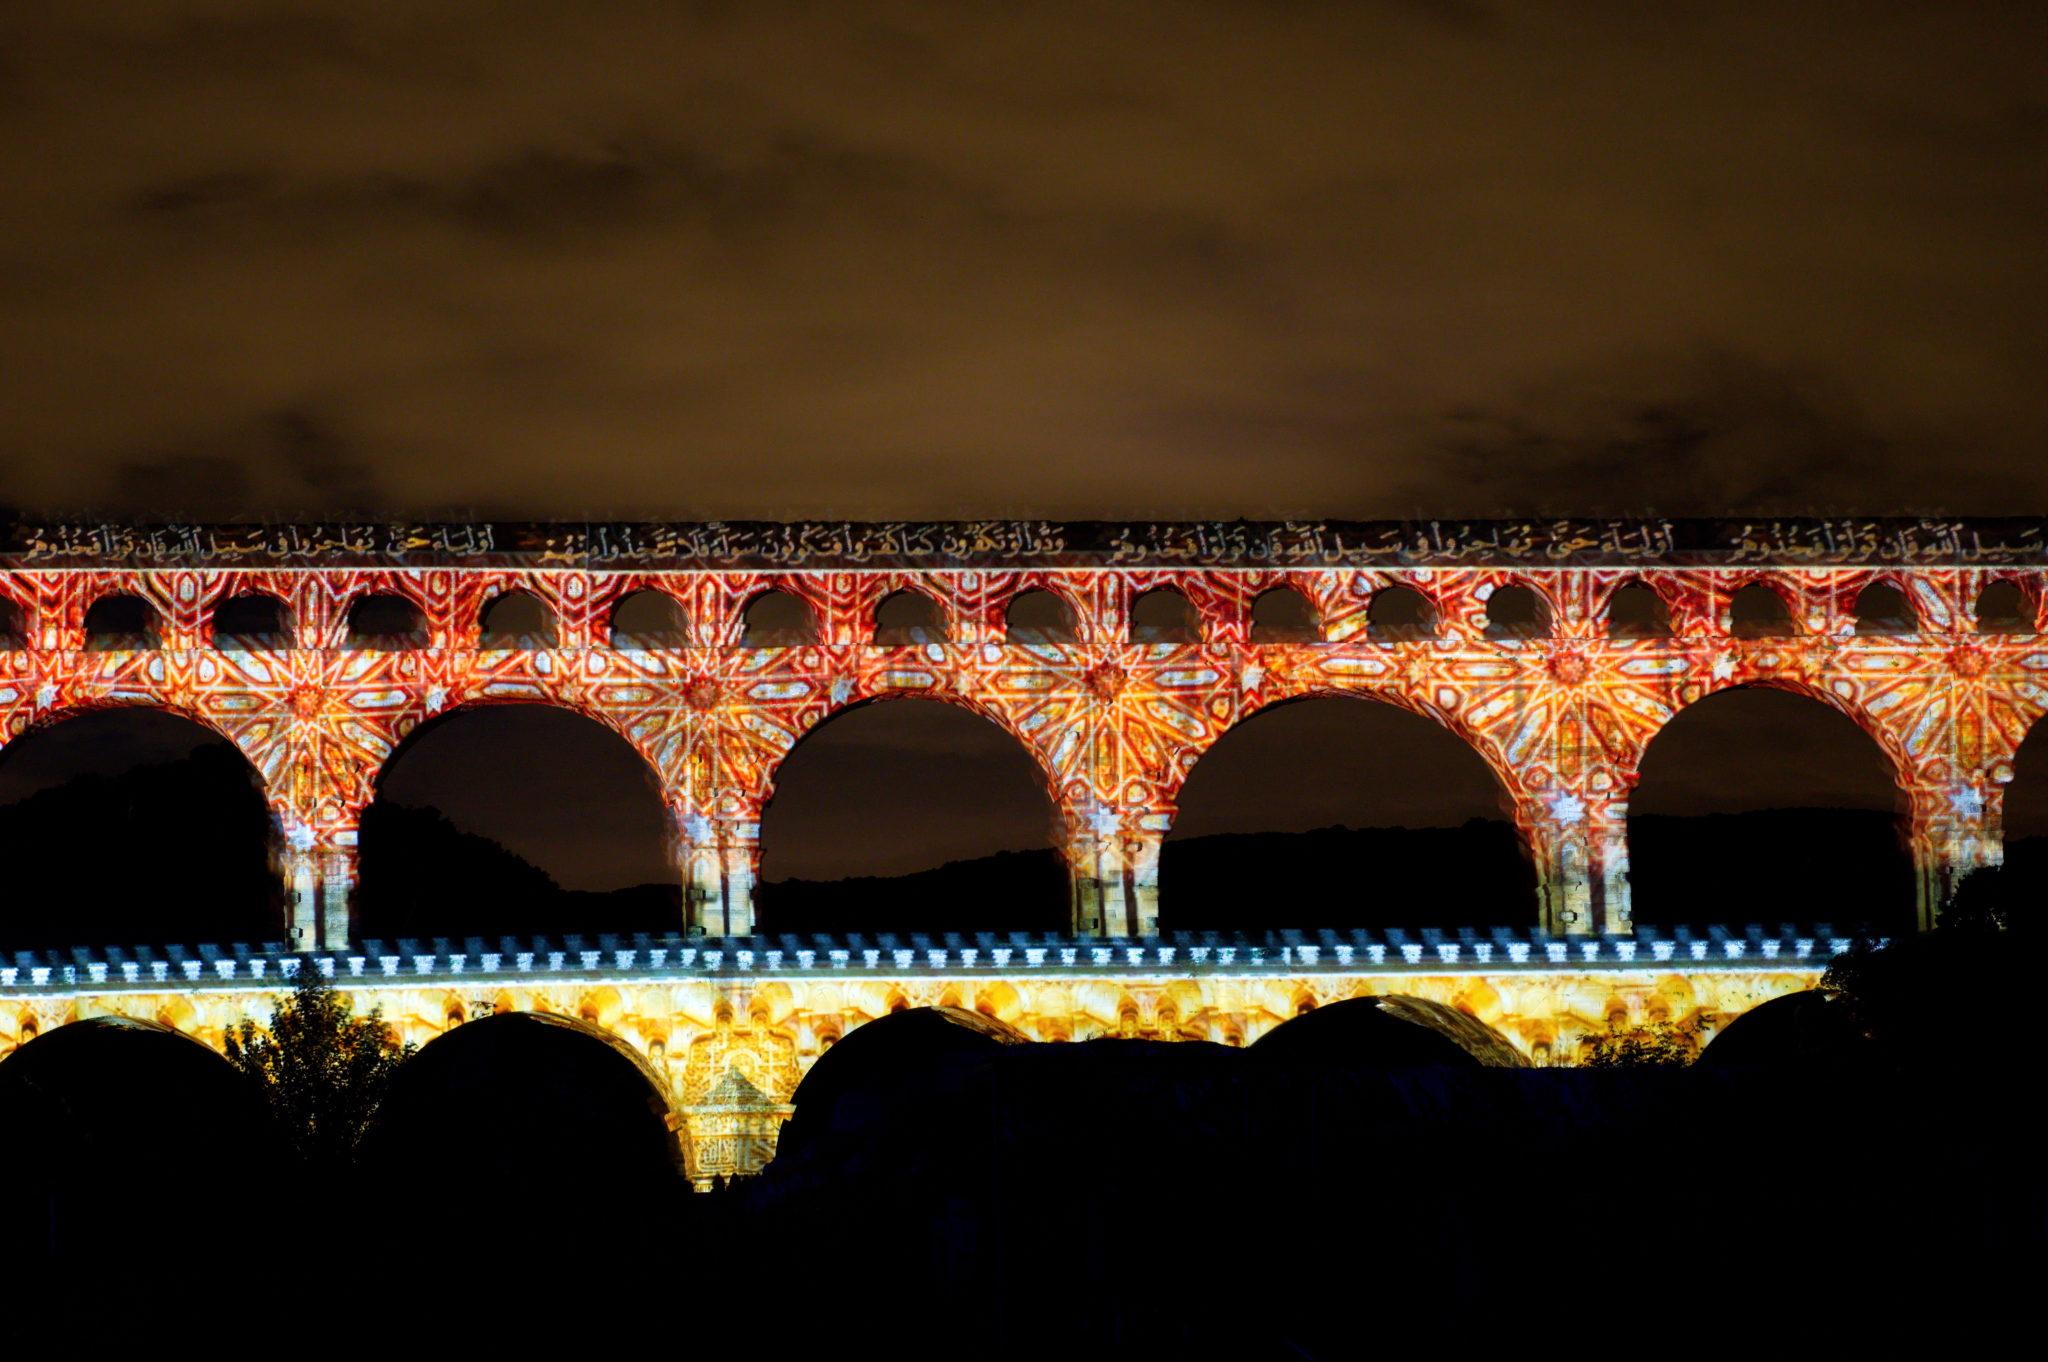 Le Pont du Gard en fête pour ses 30 ans de classement à l'Unesco